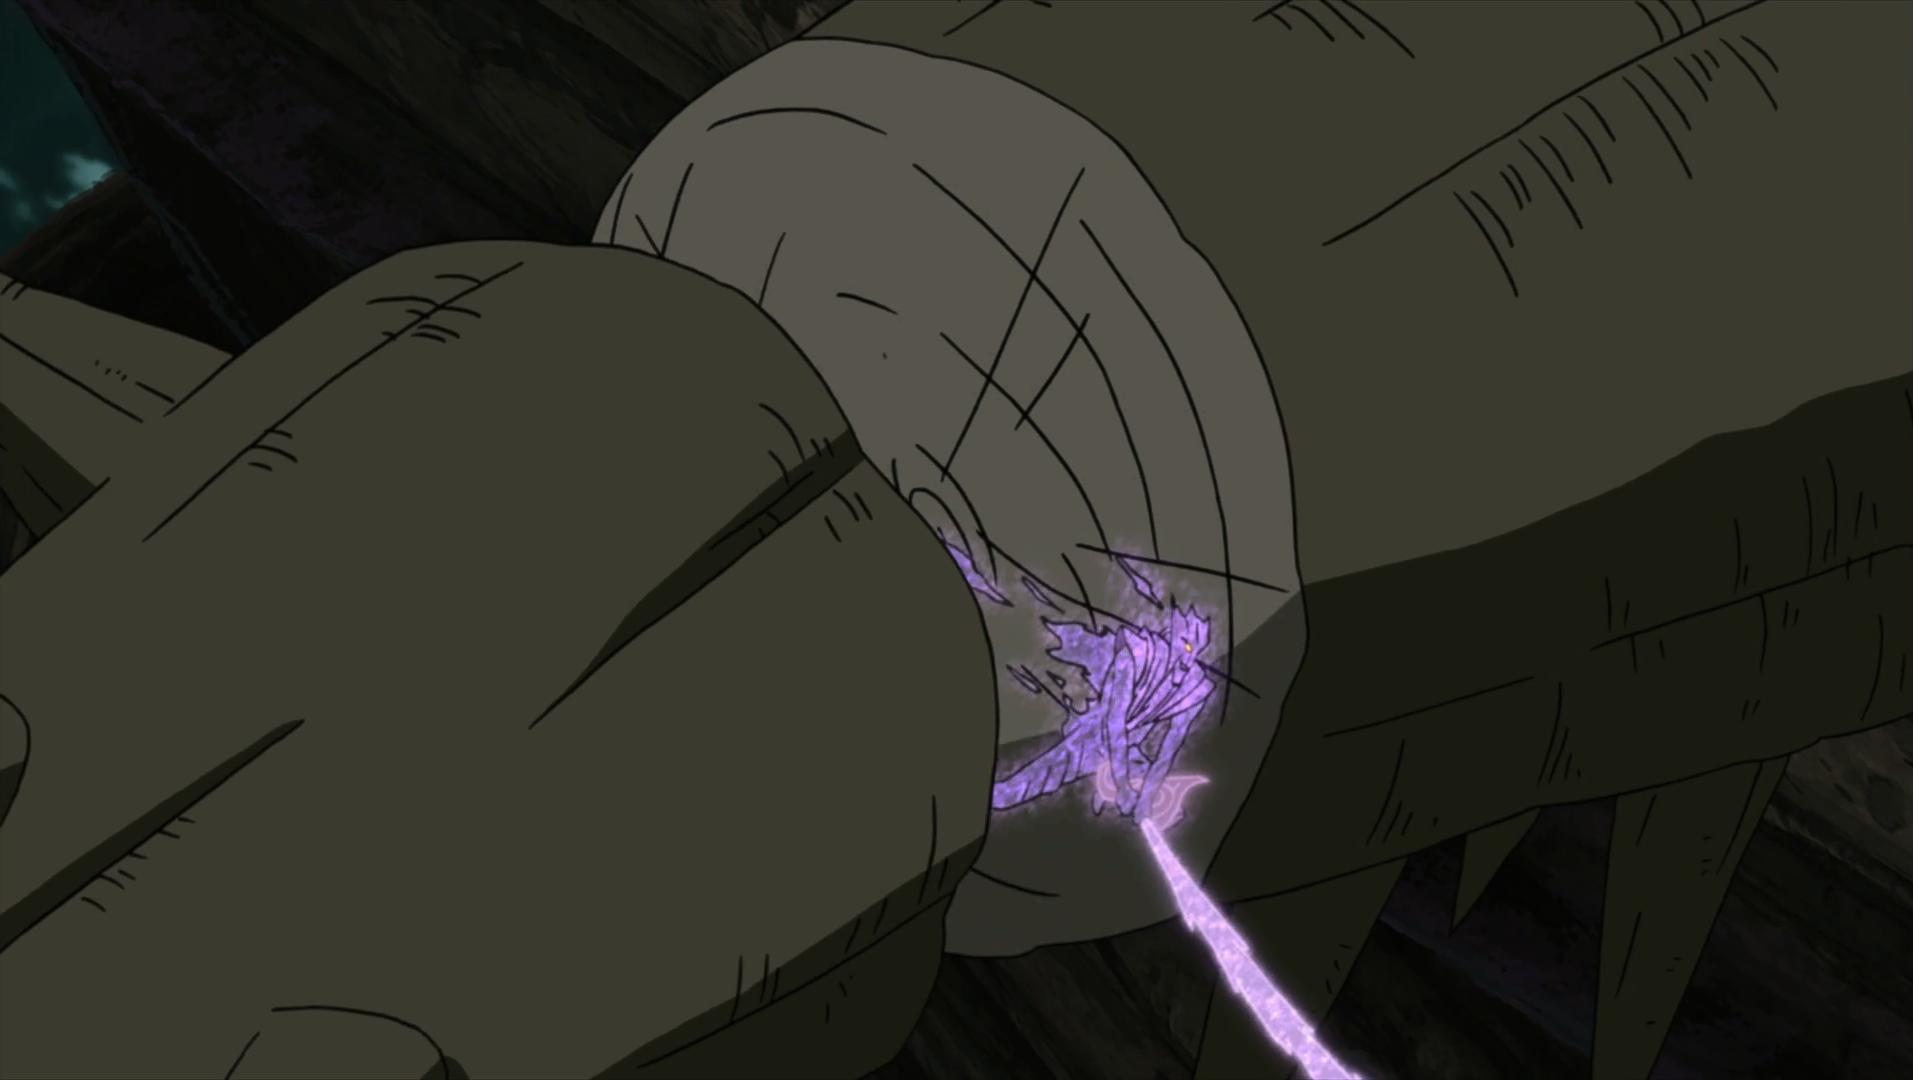 Sasuke cuts a part of Shinju